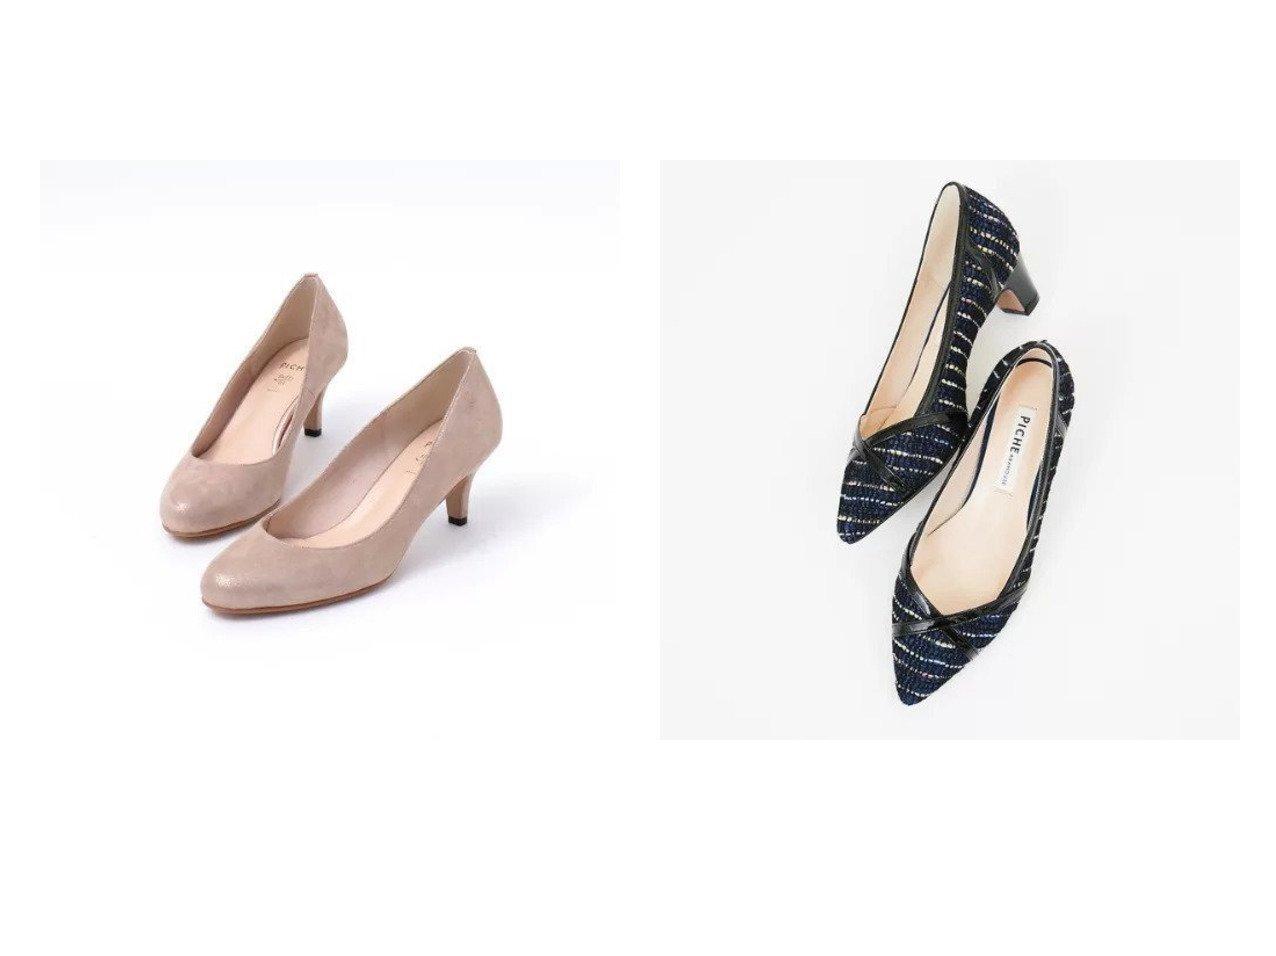 【Piche Abahouse/ピシェ アバハウス】の7cmラウンドプレーンパンプス&パイピングパンプス 【シューズ・靴】おすすめ!人気、トレンド・レディースファッションの通販 おすすめで人気の流行・トレンド、ファッションの通販商品 インテリア・家具・メンズファッション・キッズファッション・レディースファッション・服の通販 founy(ファニー) https://founy.com/ ファッション Fashion レディースファッション WOMEN シューズ ツイード ミドル シャイニー プレーン ラウンド |ID:crp329100000049945